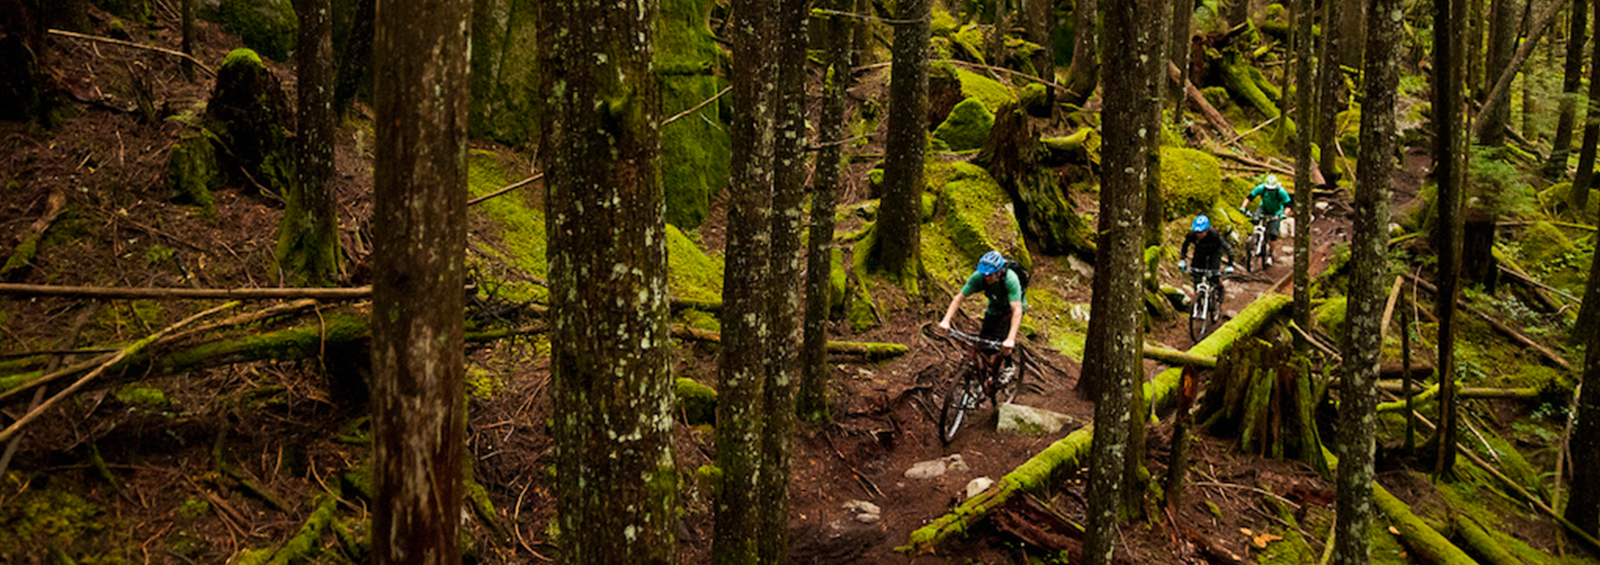 Mtn Biking Squamish